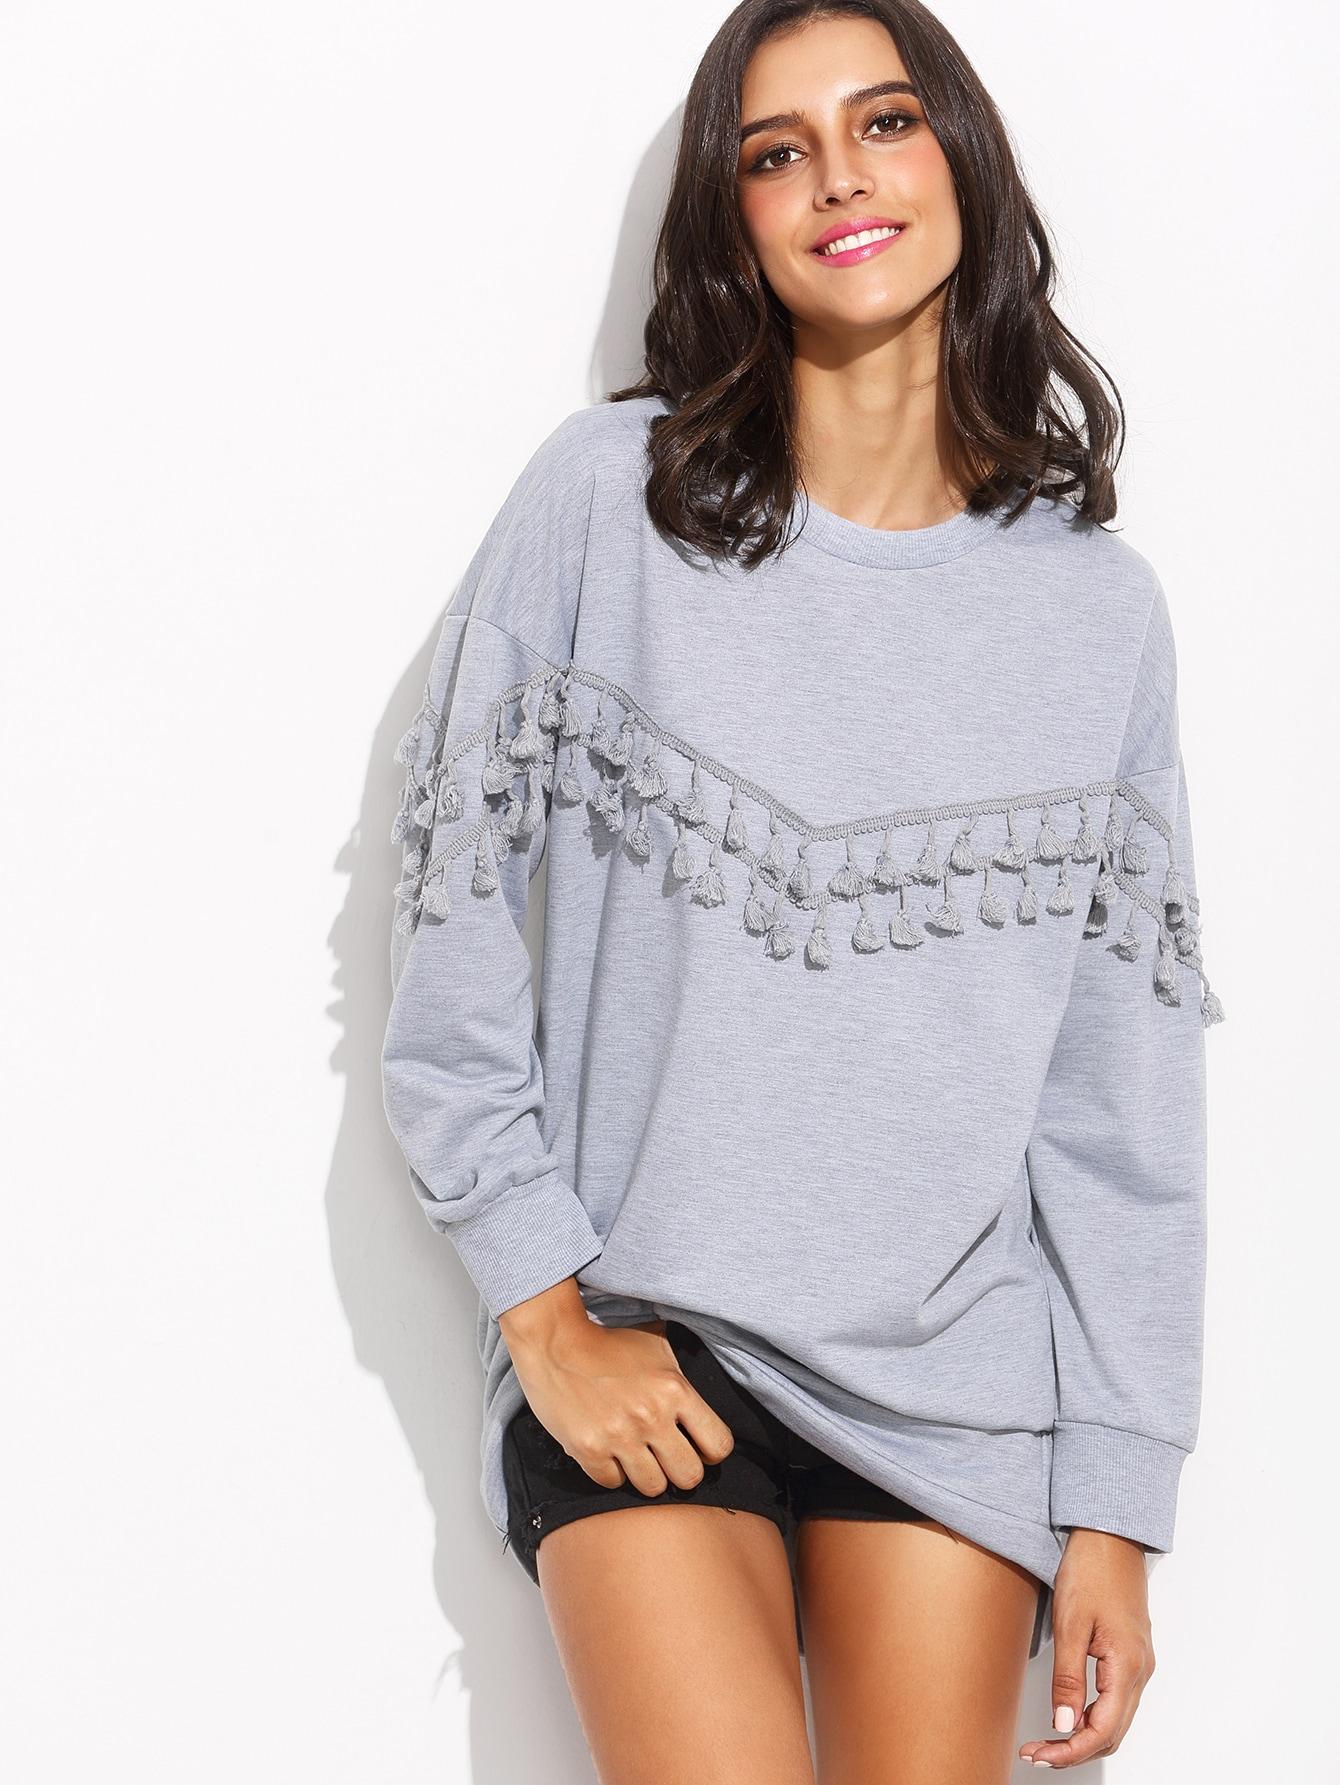 sweatshirt160808101_2